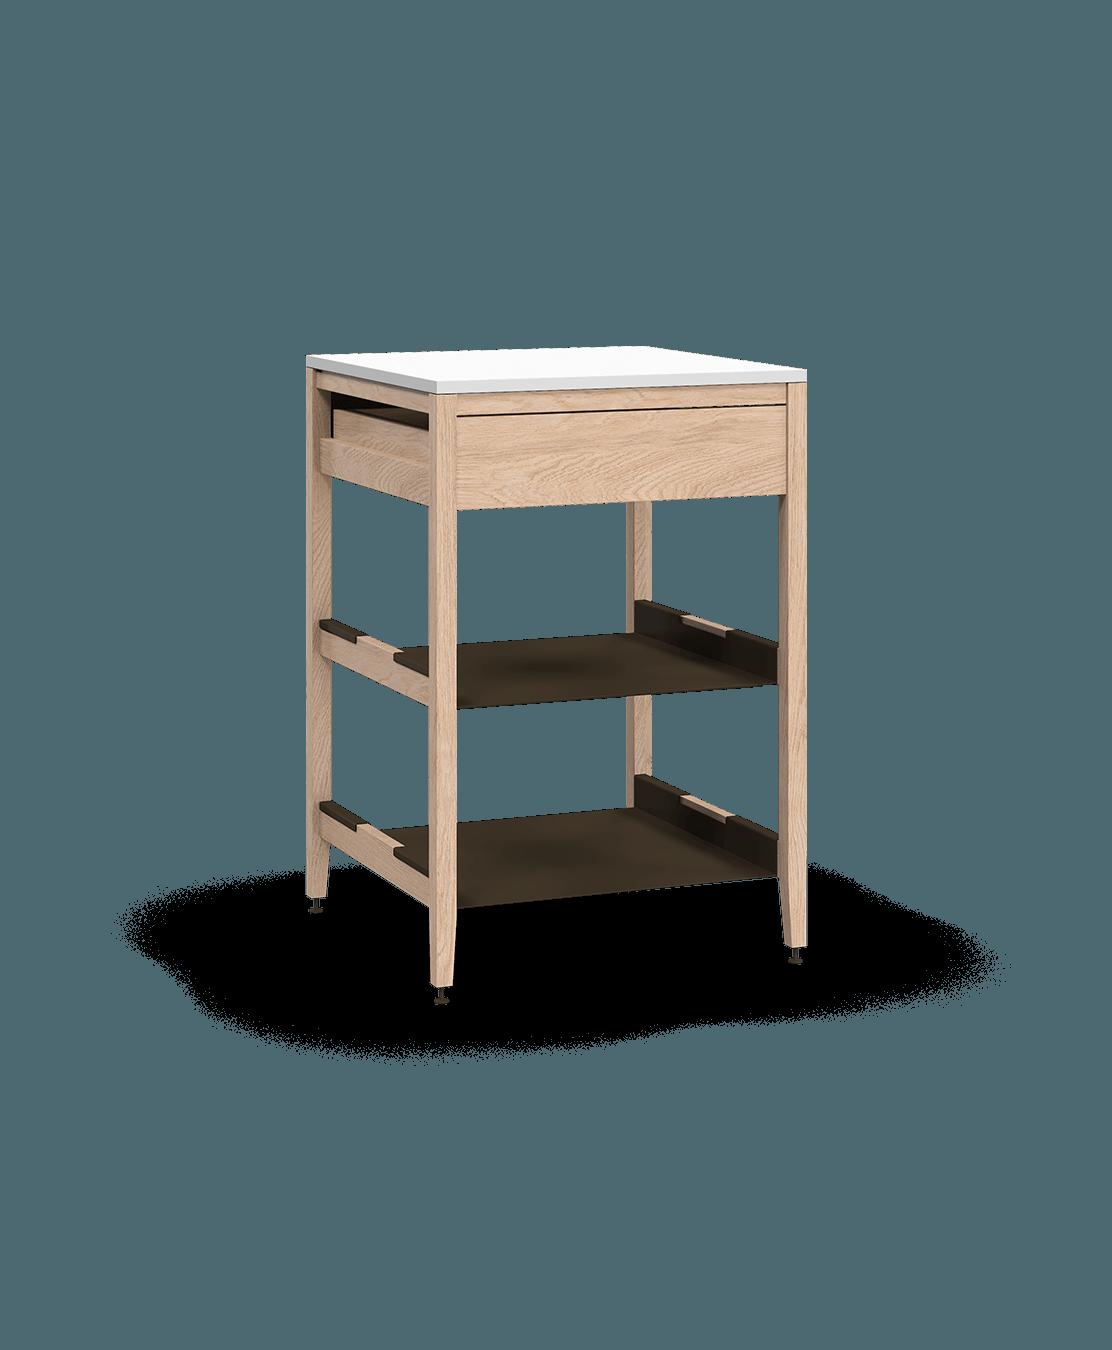 armoire de cuisine modulaire inférieure en bois massif coquo radix avec 2 tablettes 1 tiroir chêne blanc 24 pouces C1-C-24SB-1021-NA